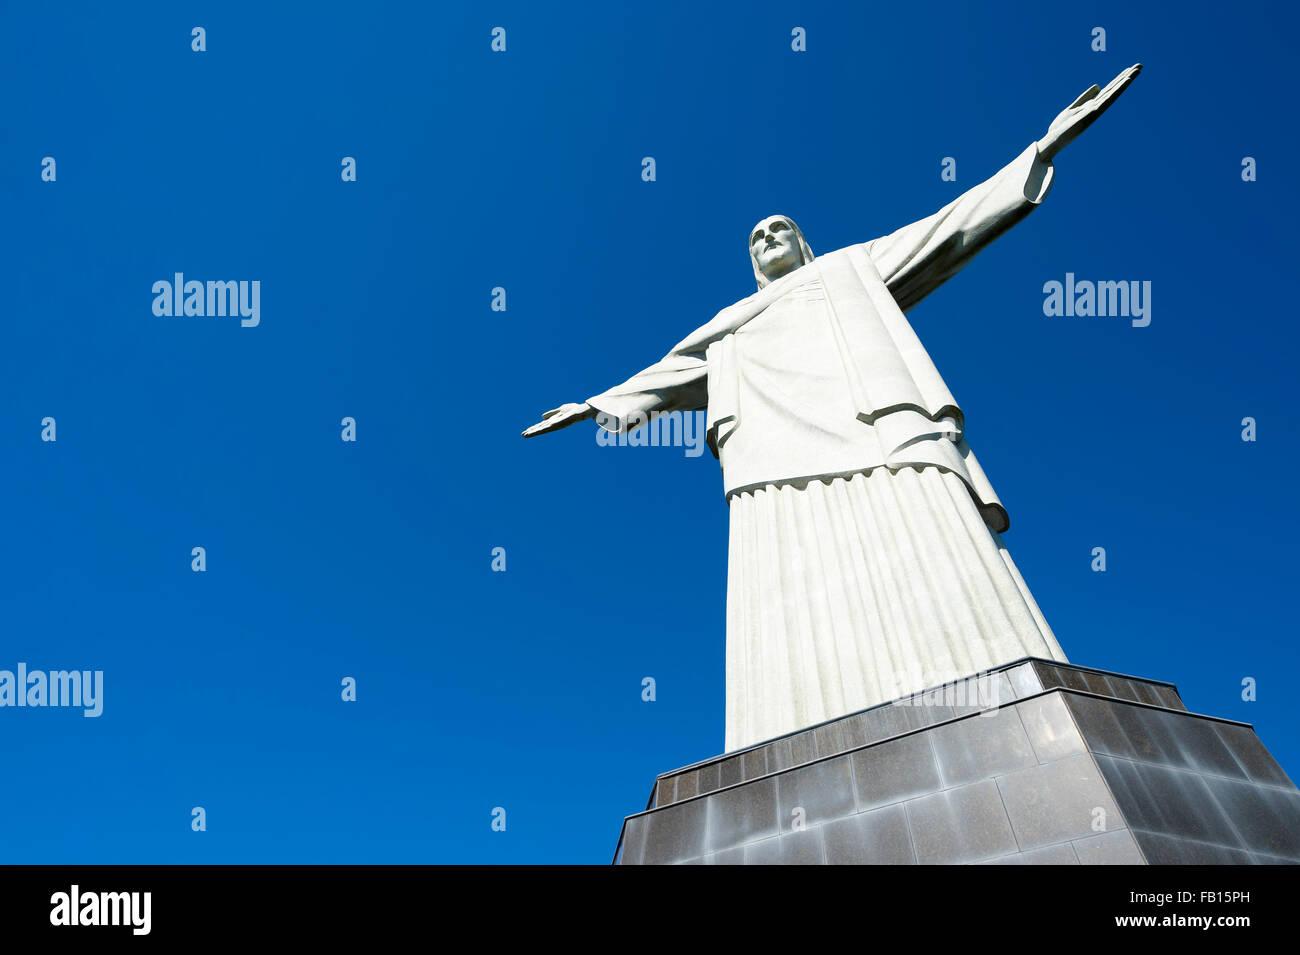 RIO DE JANEIRO, Brésil - Mars 05, 2015: Statue du Christ Rédempteur se dresse sur sa base au sommet Photo Stock